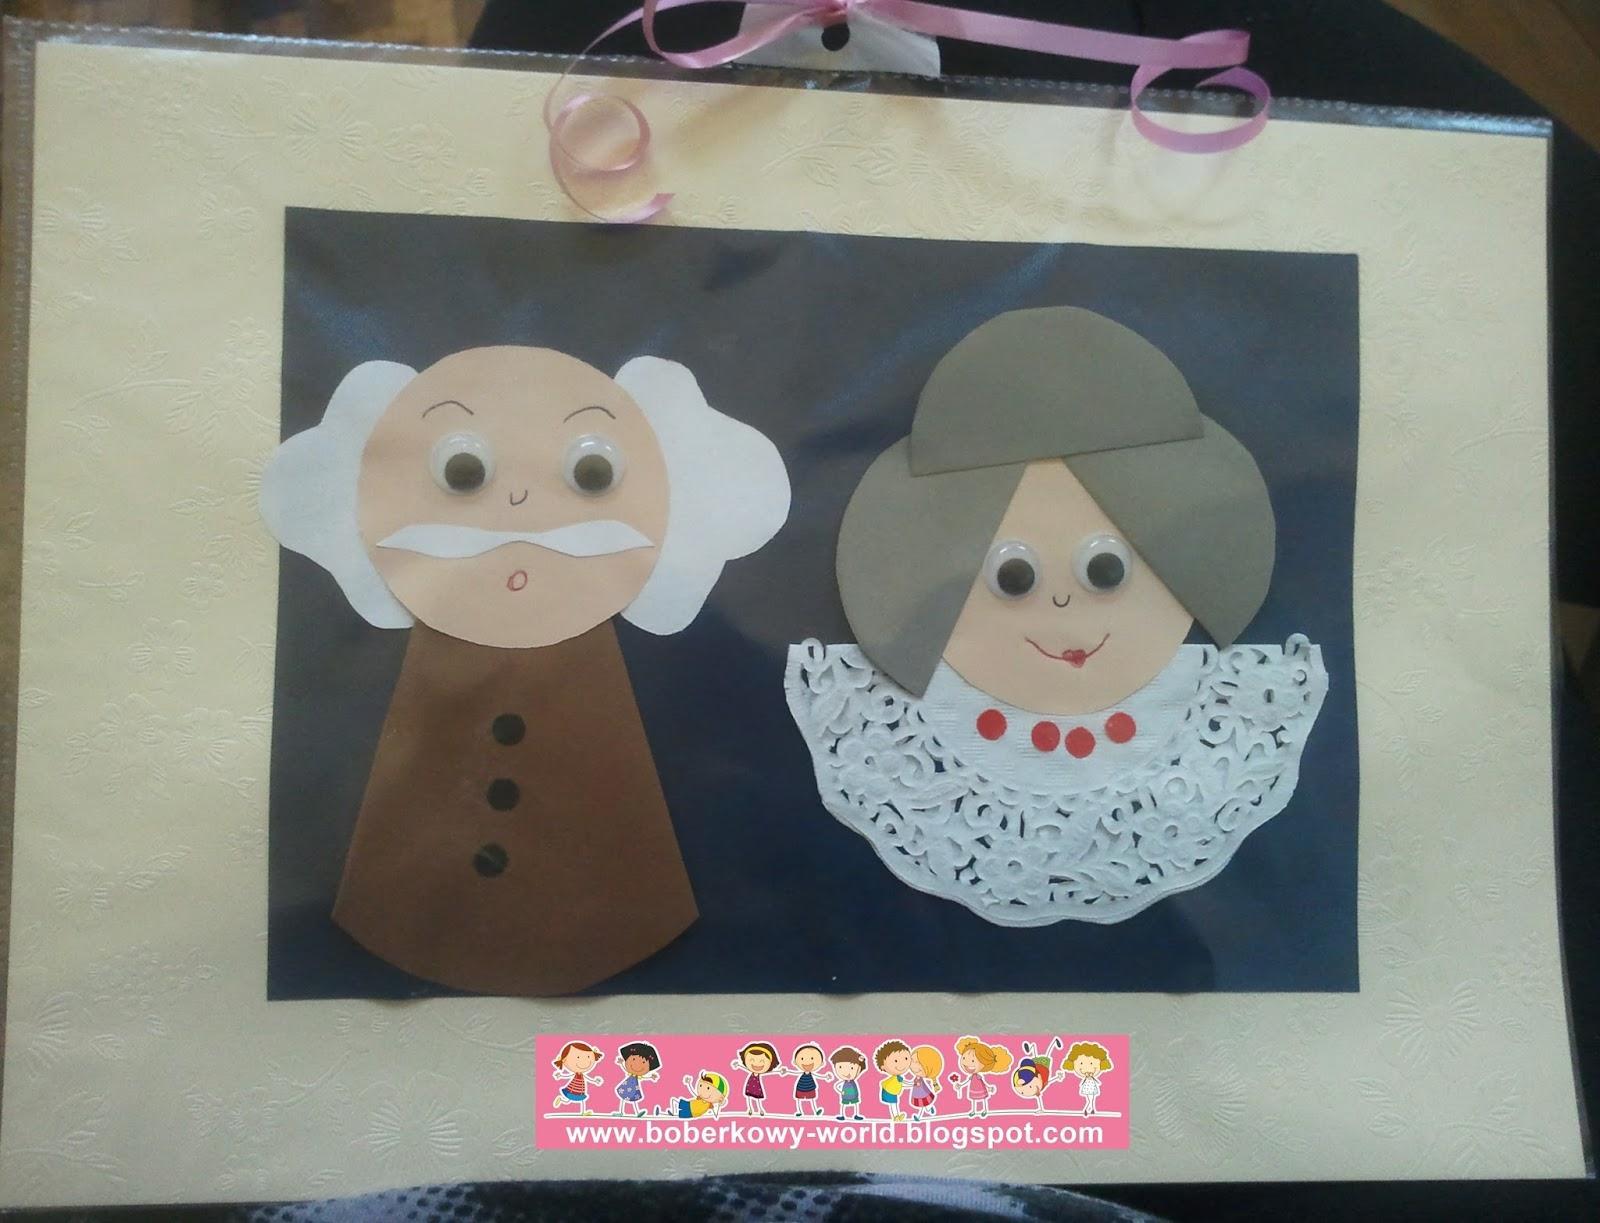 Как сделать открытку для дедушки с бабушкой